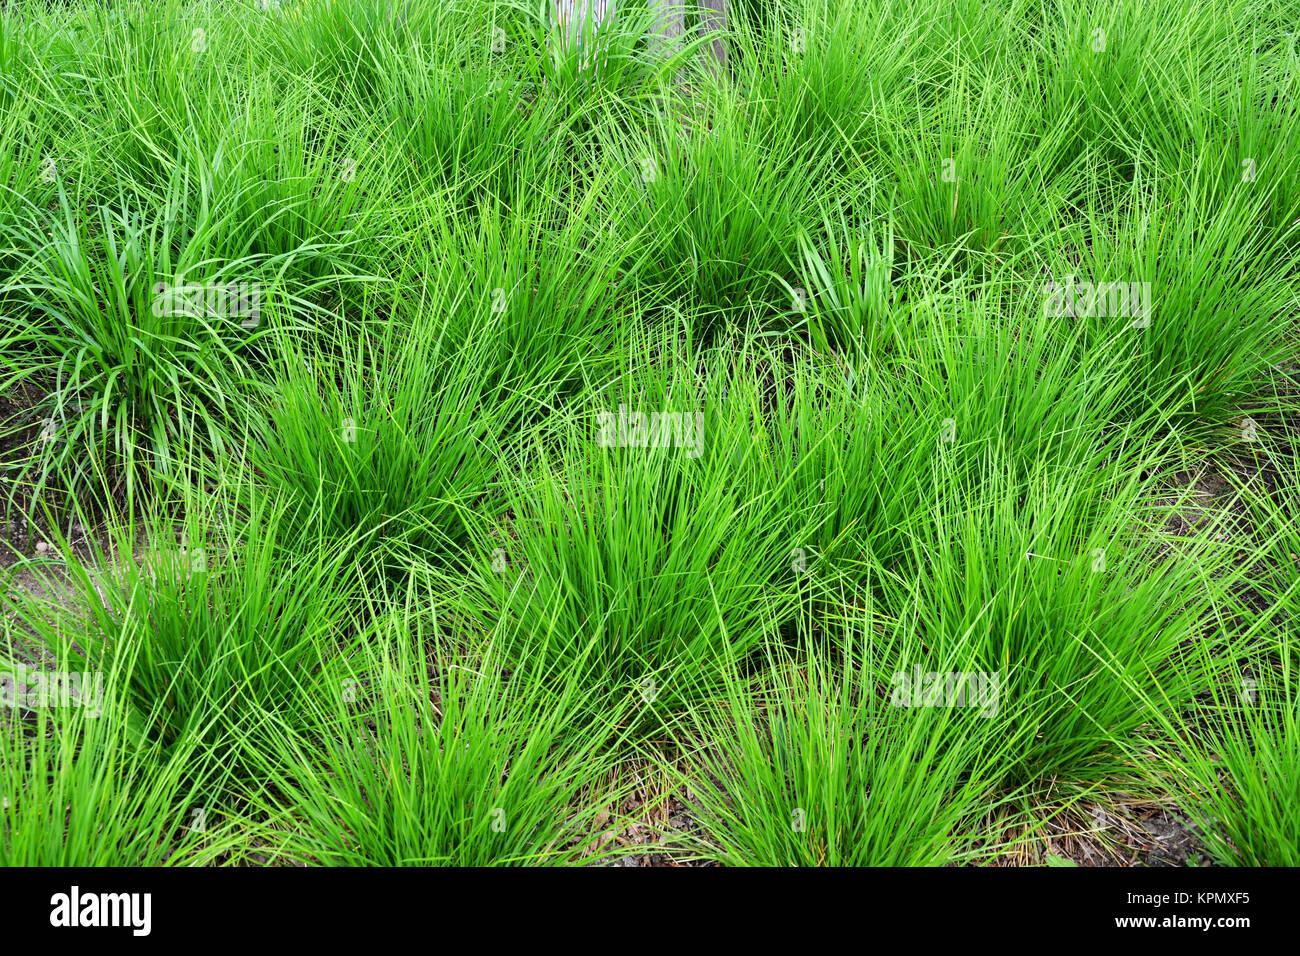 Manure garden stock photos manure garden stock images for Green ornamental grass